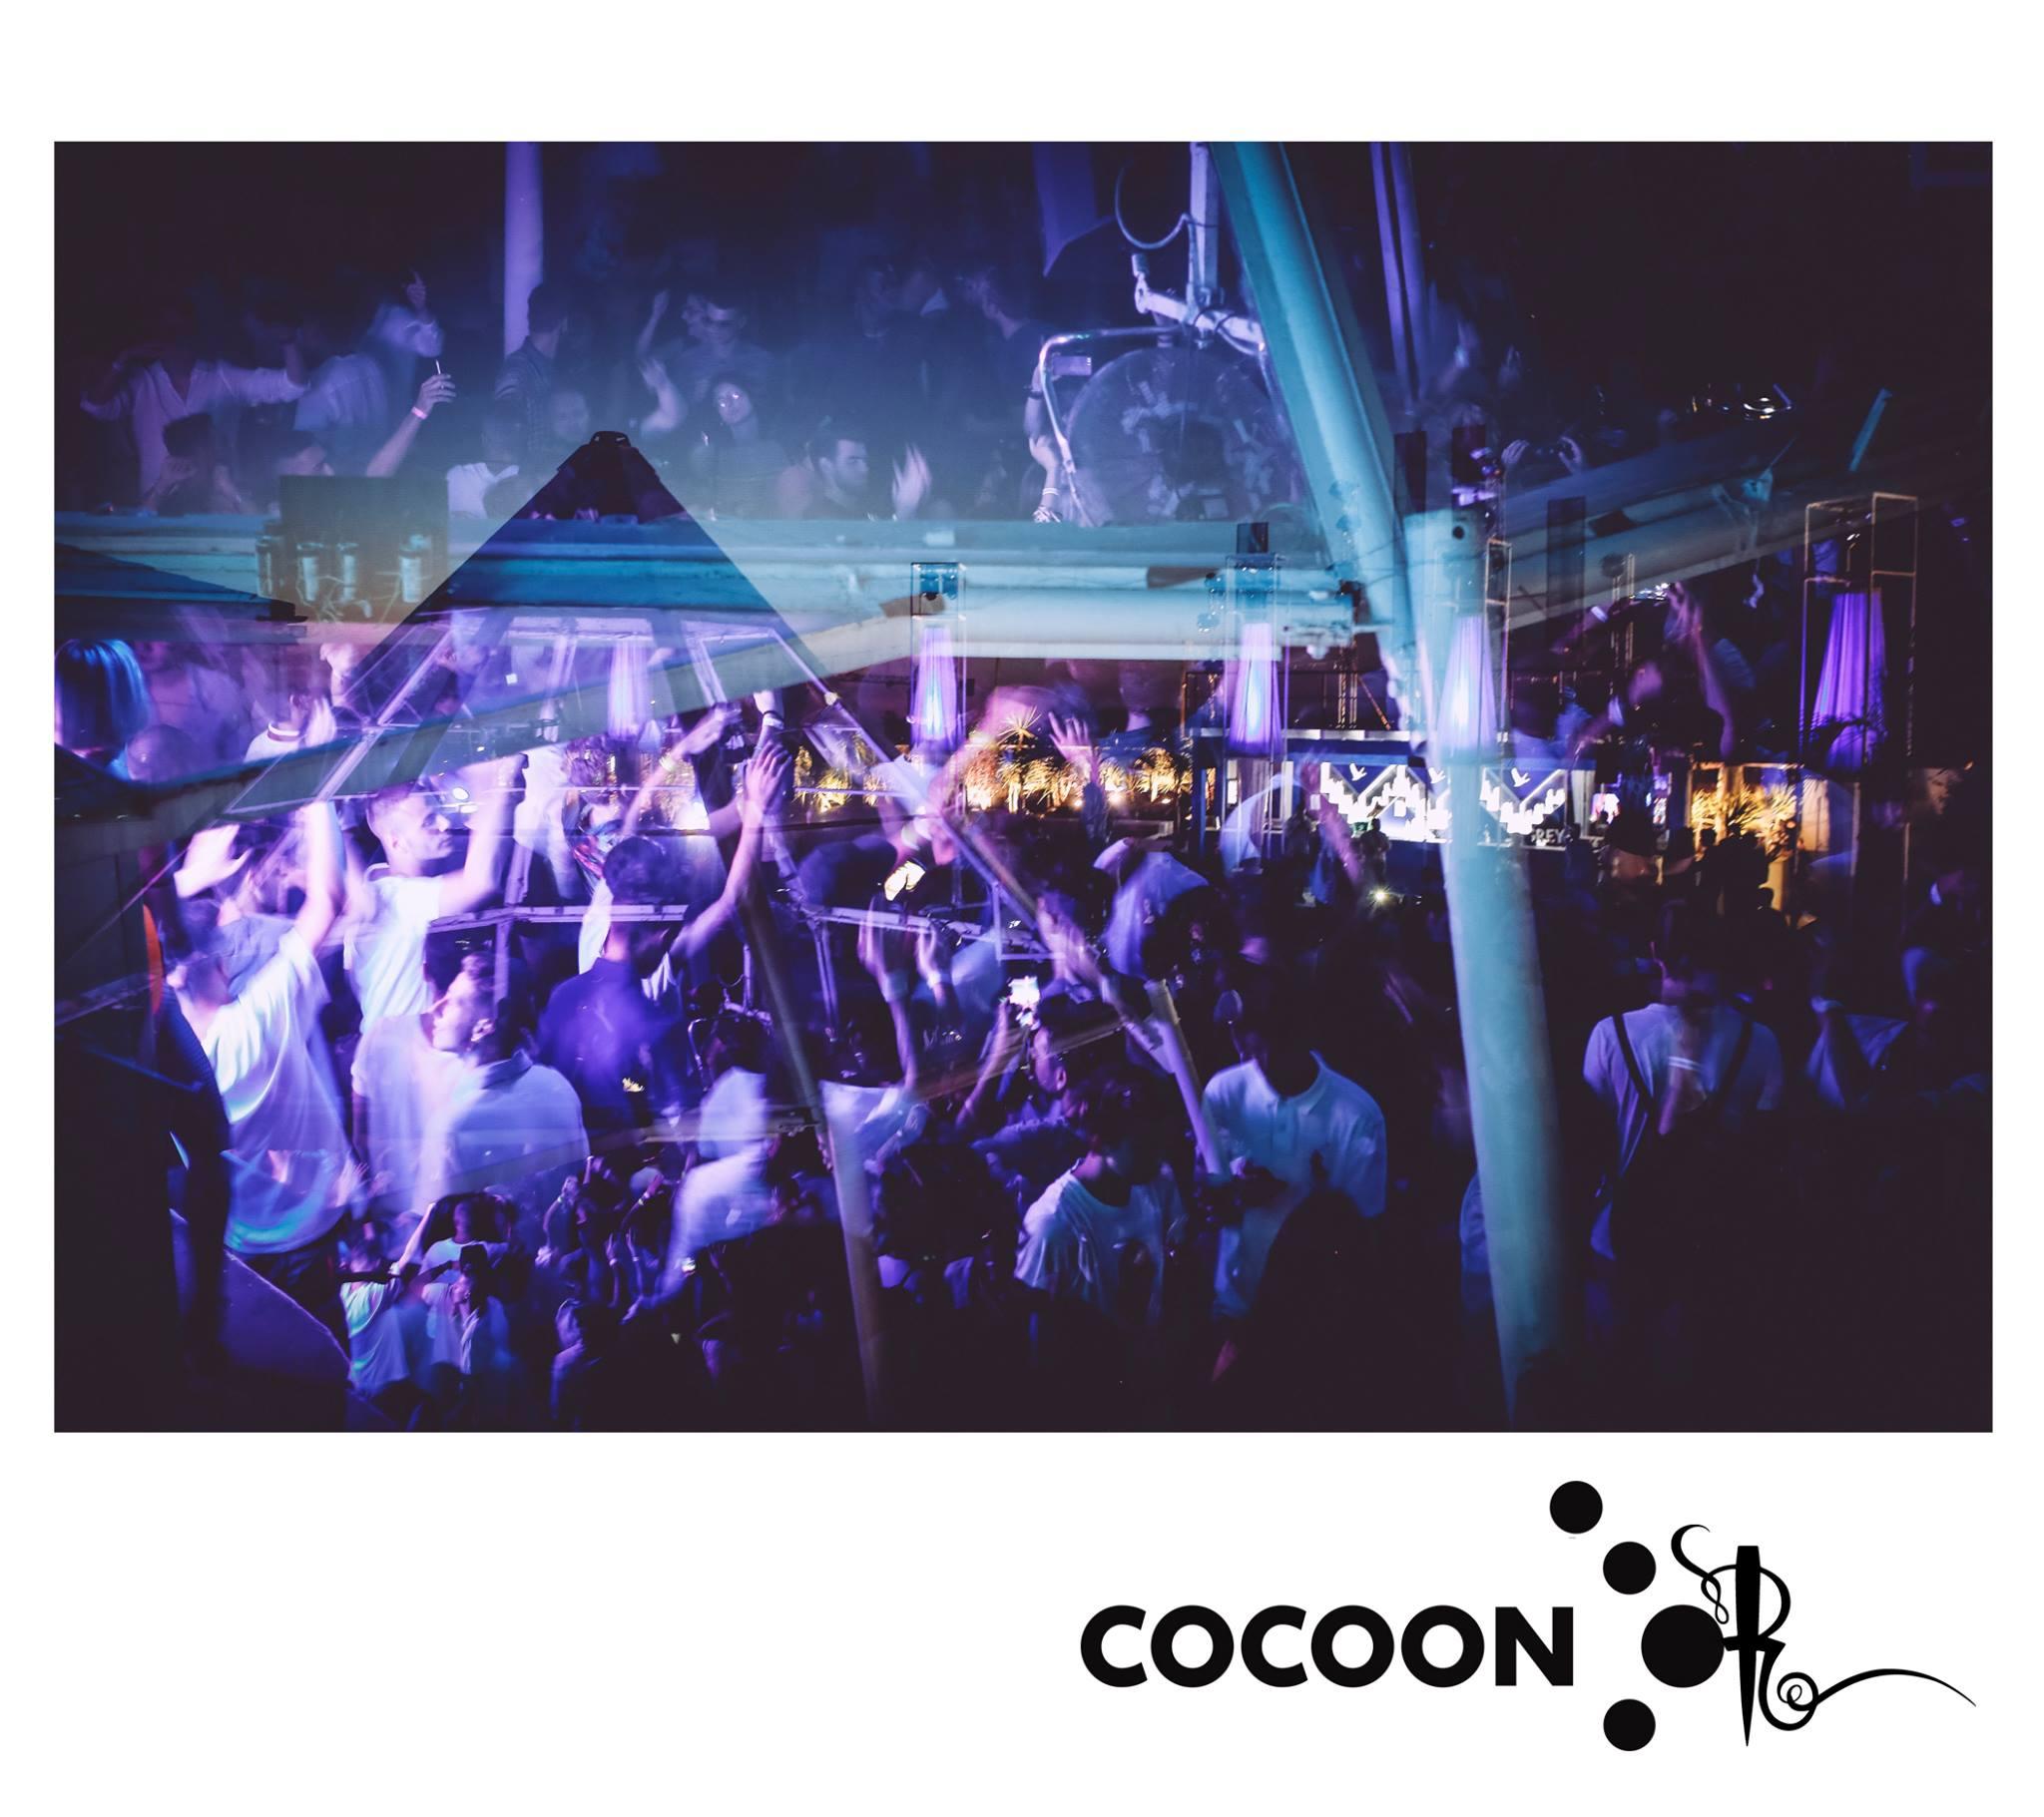 Cocoon Opening Party Villa Delle Rose – Mercoledì 10 Luglio 2019 – Ticket -Biglietti 18app – Pacchetti Hotel